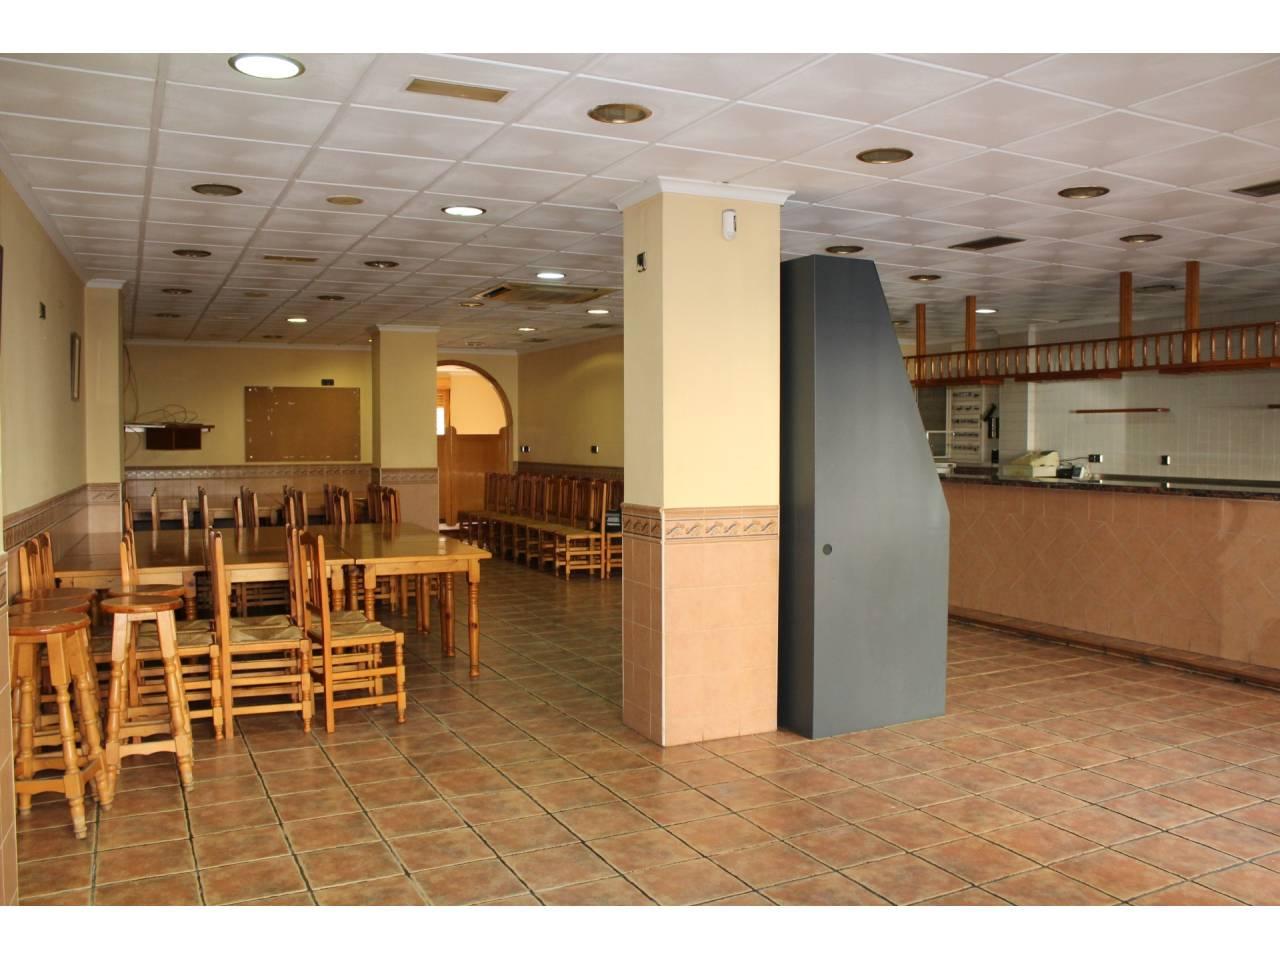 Business premise  Calle barranc, 42. Local comercial en planta baja, superficie total 174 m², superfi